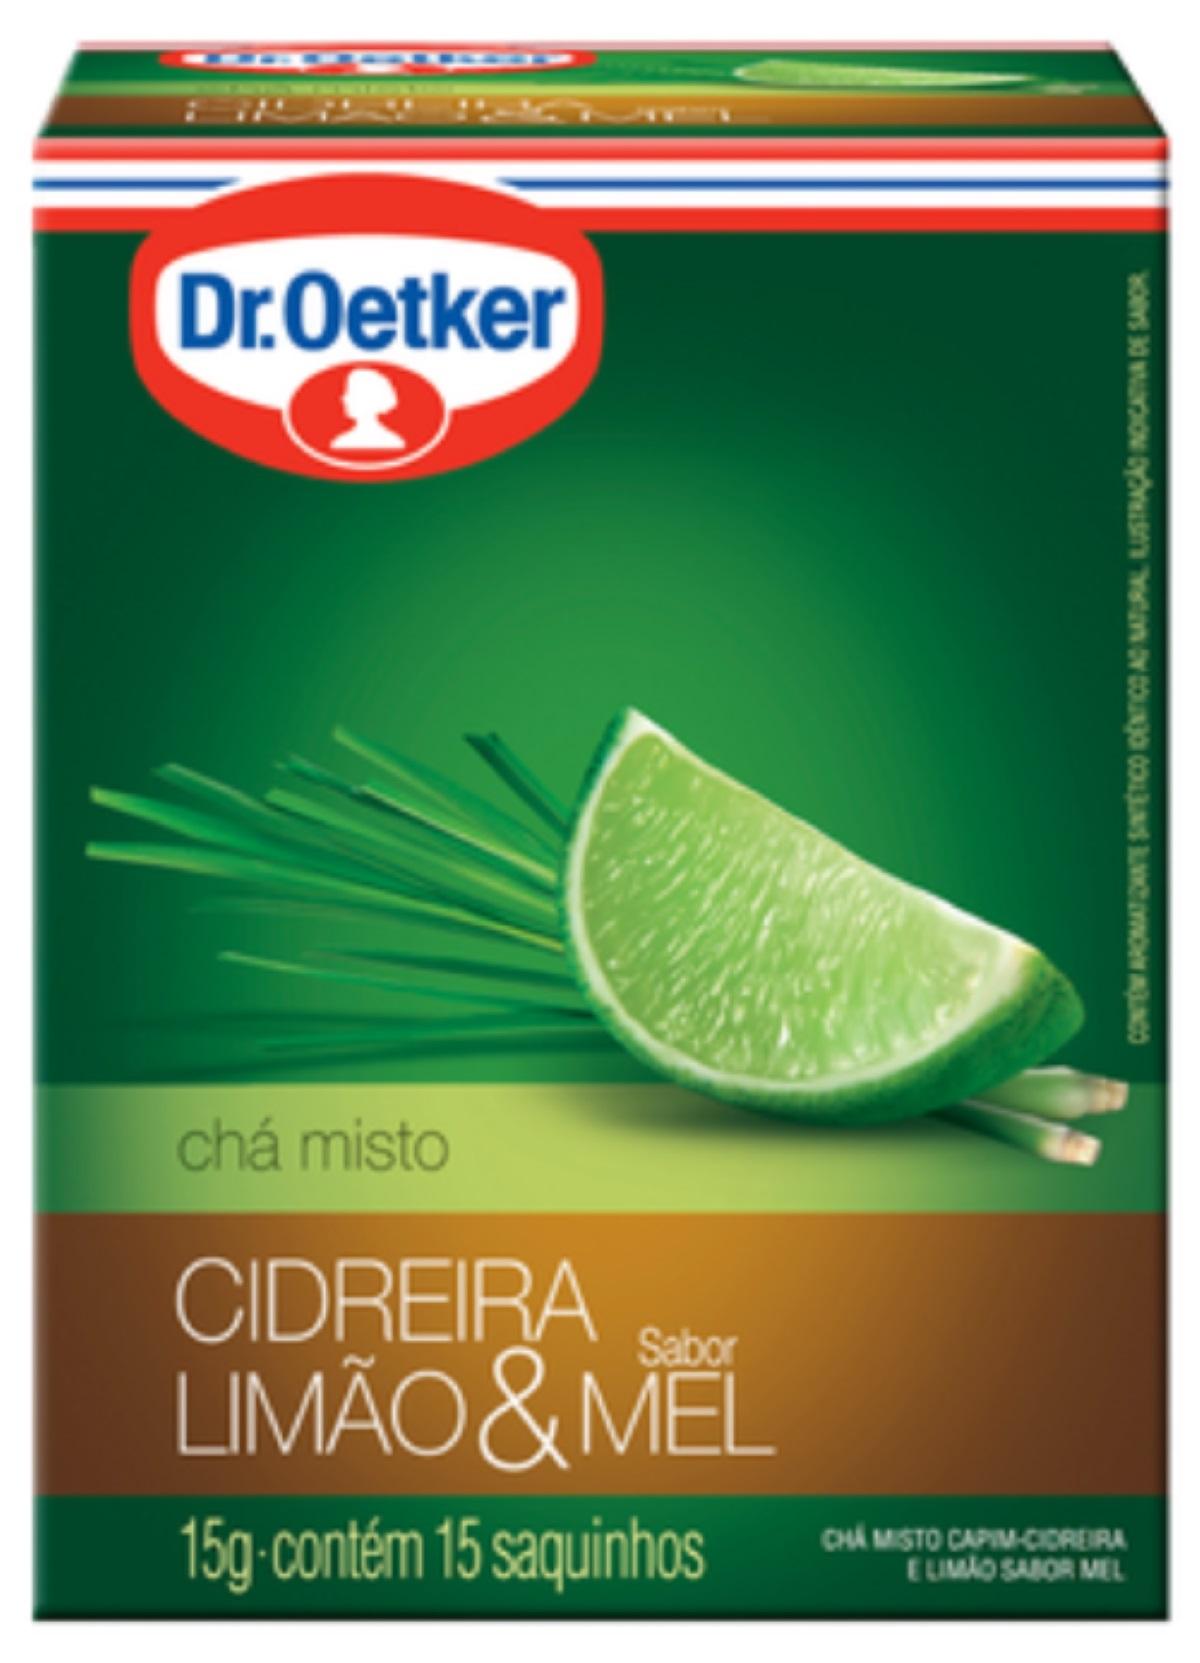 CHÁ DE ERVA CIDREIRA LIMÃO E MEL DR. OETKER KIT com 4 unidades